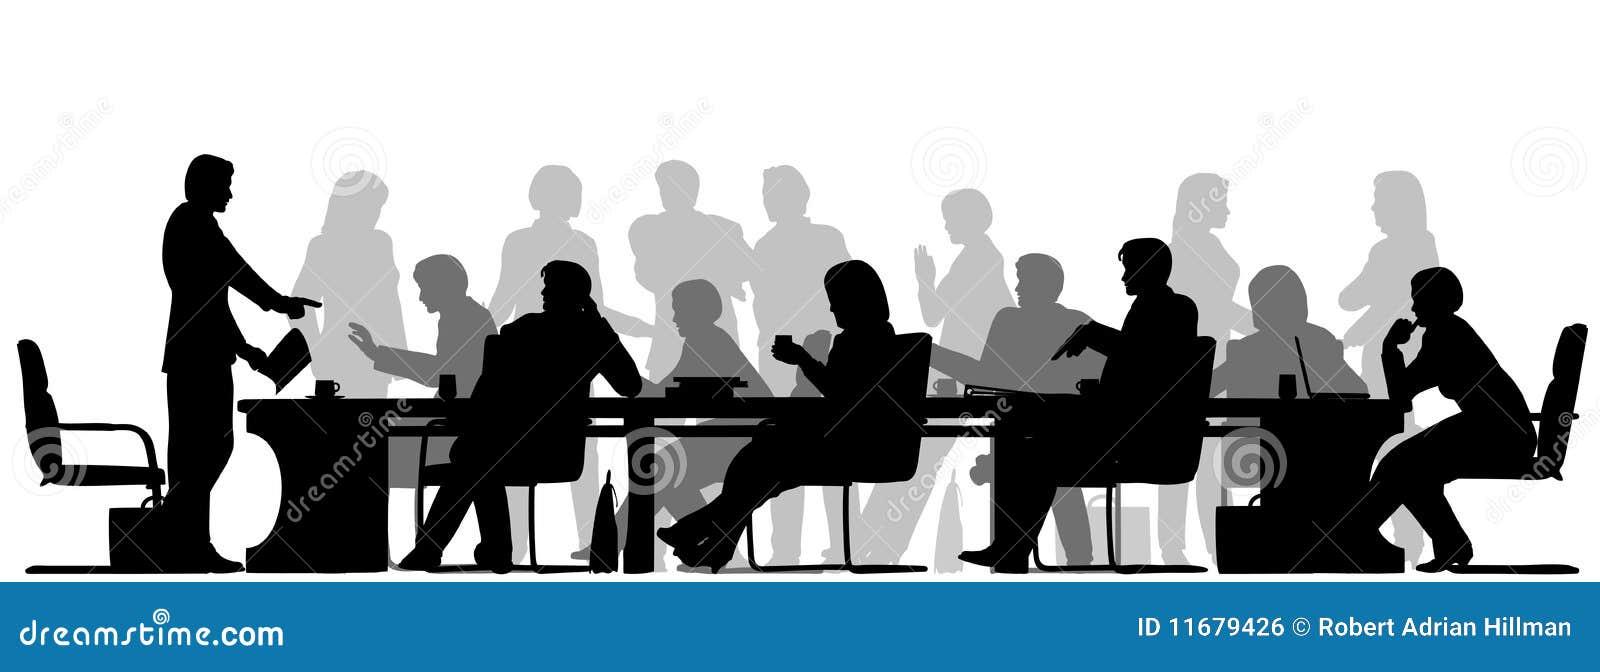 Ruchliwie spotkanie